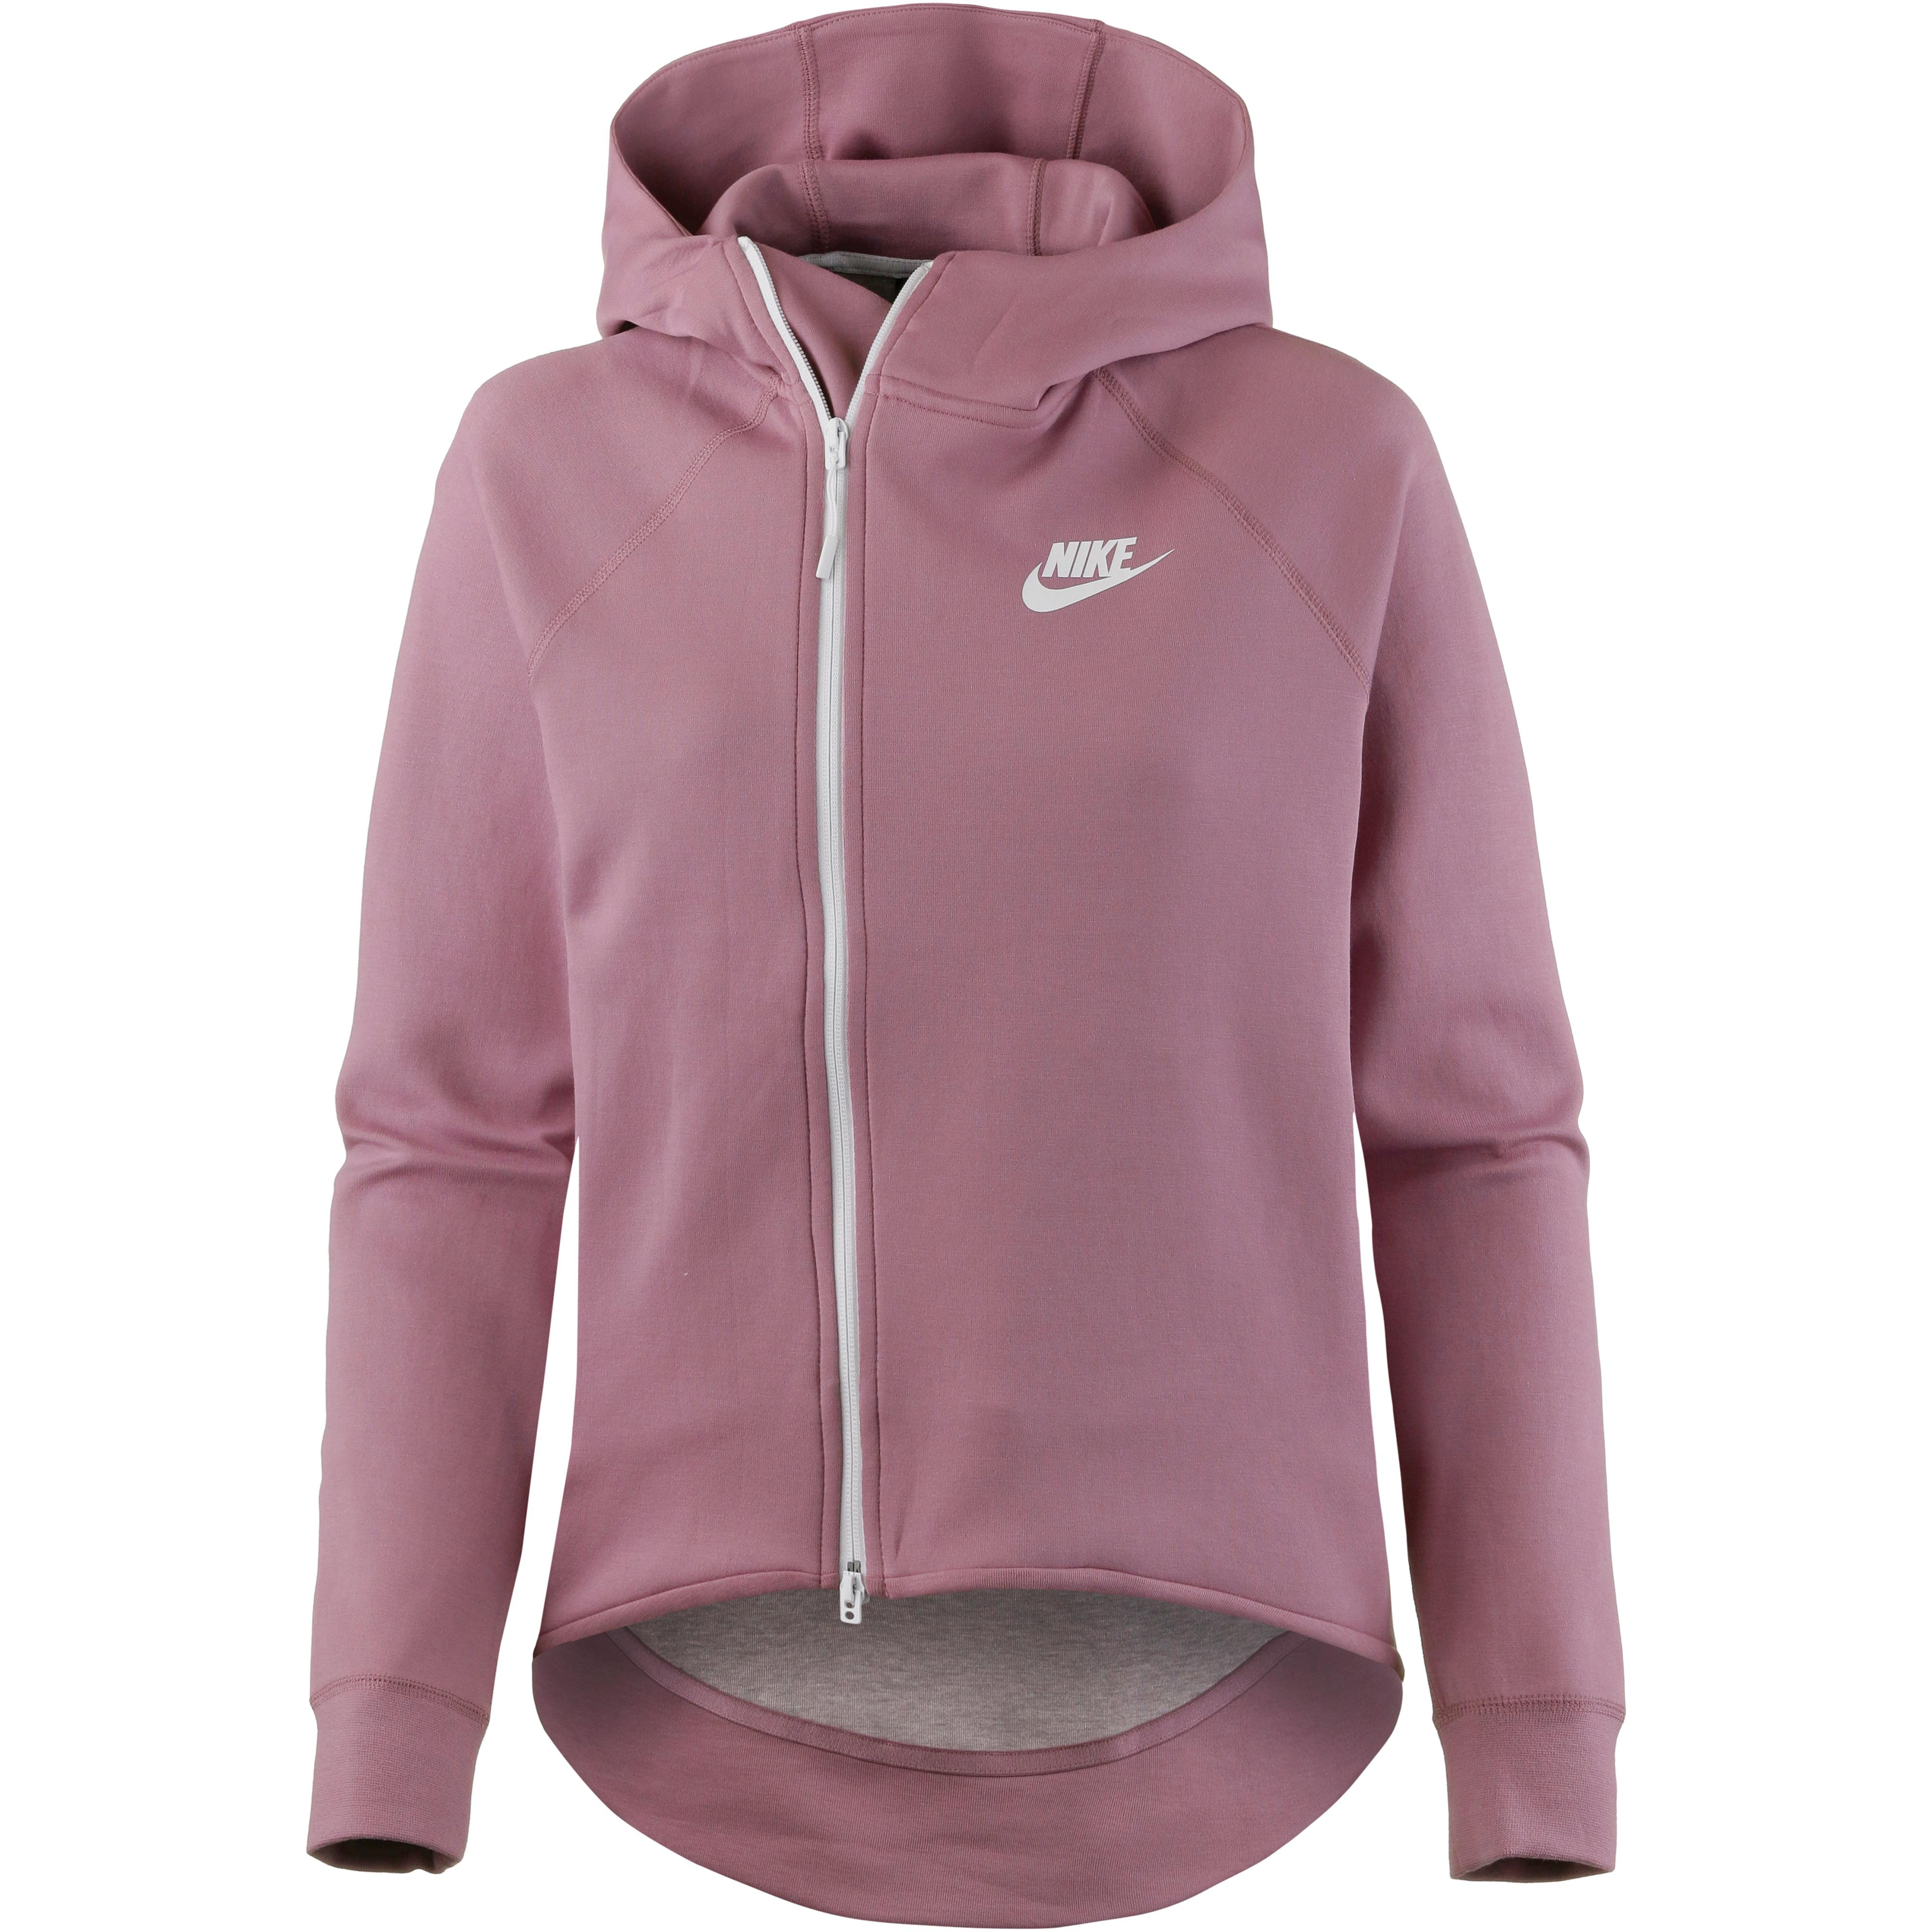 Nike NSW Tech Fleece Sweatjacke Damen plum dust white im Online Shop von SportScheck kaufen